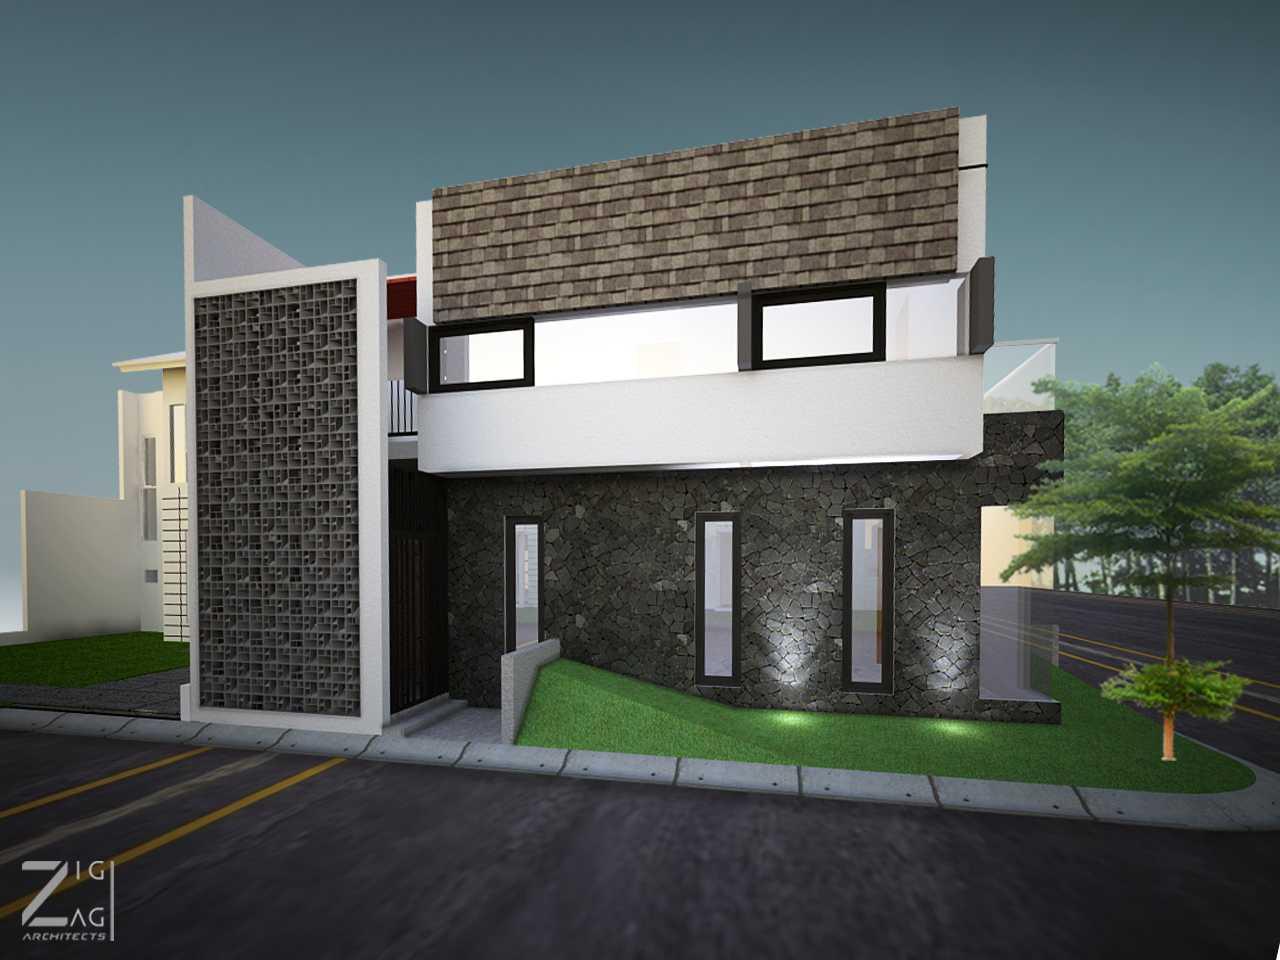 Zigzag Architecture Studio C House - Karawaci Karawaci, Kota Tangerang, Banten, Indonesia Karawaci, Kota Tangerang, Banten, Indonesia Zigzag-Architecture-Studio-C-House-Karawaci  59737